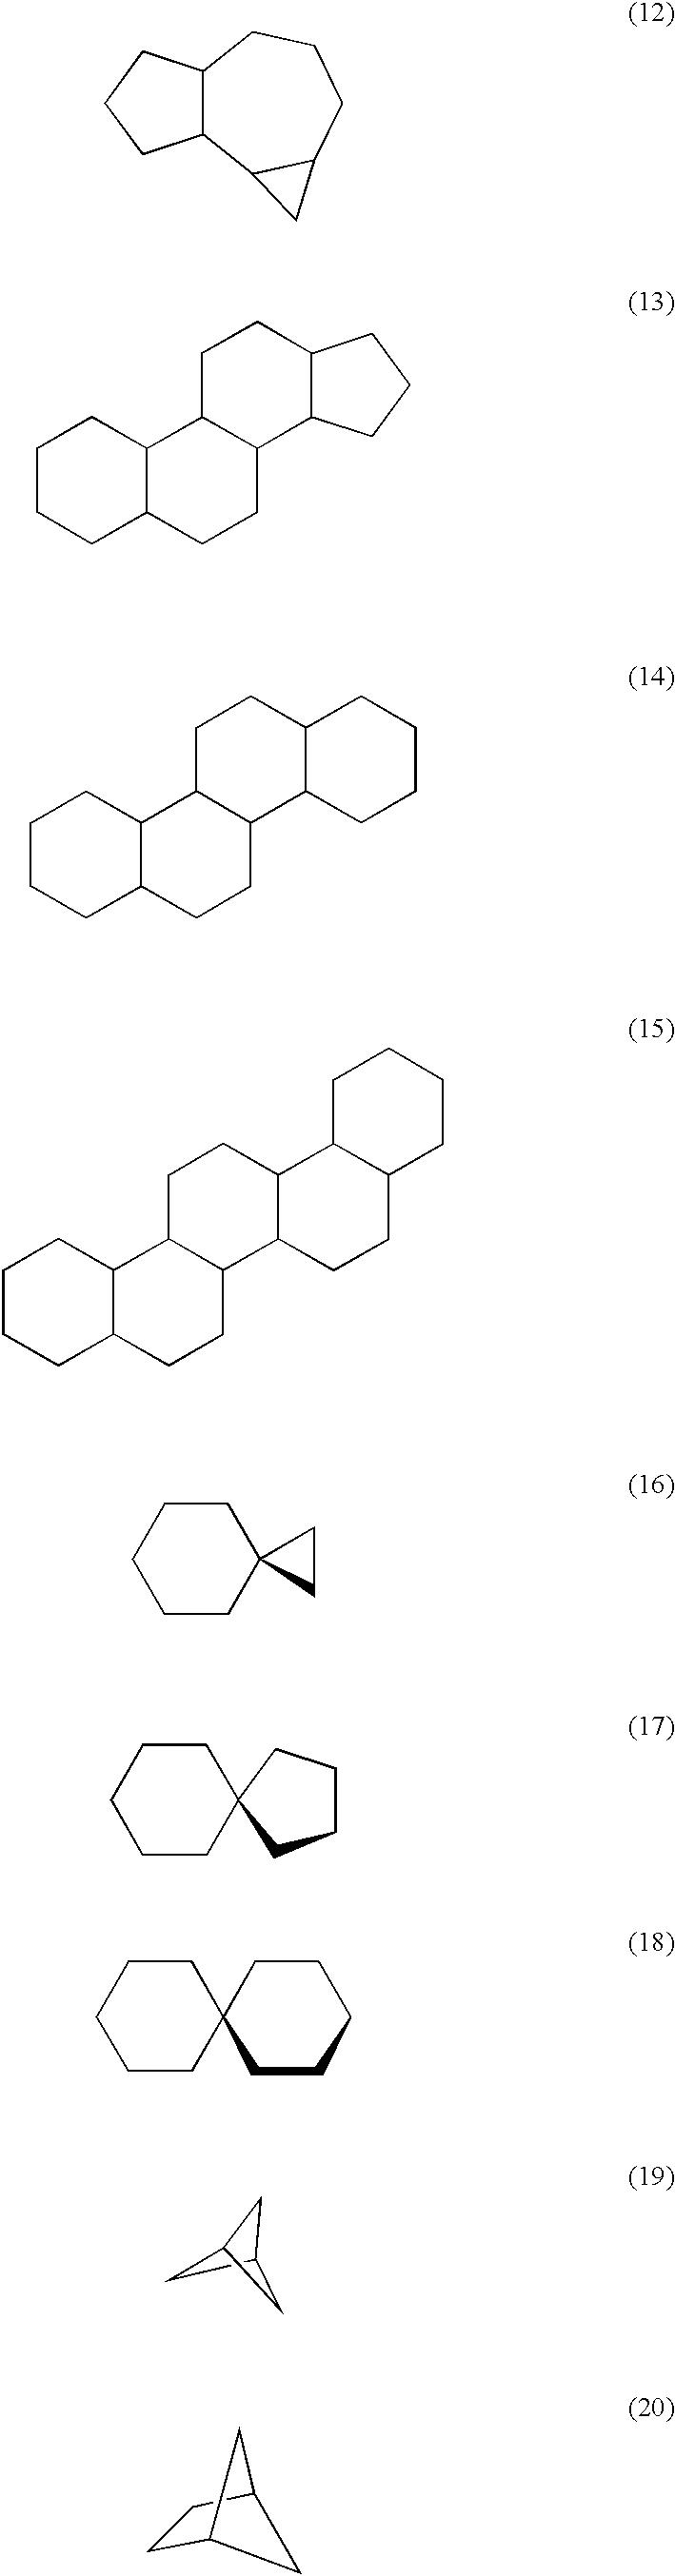 Figure US20030186161A1-20031002-C00054